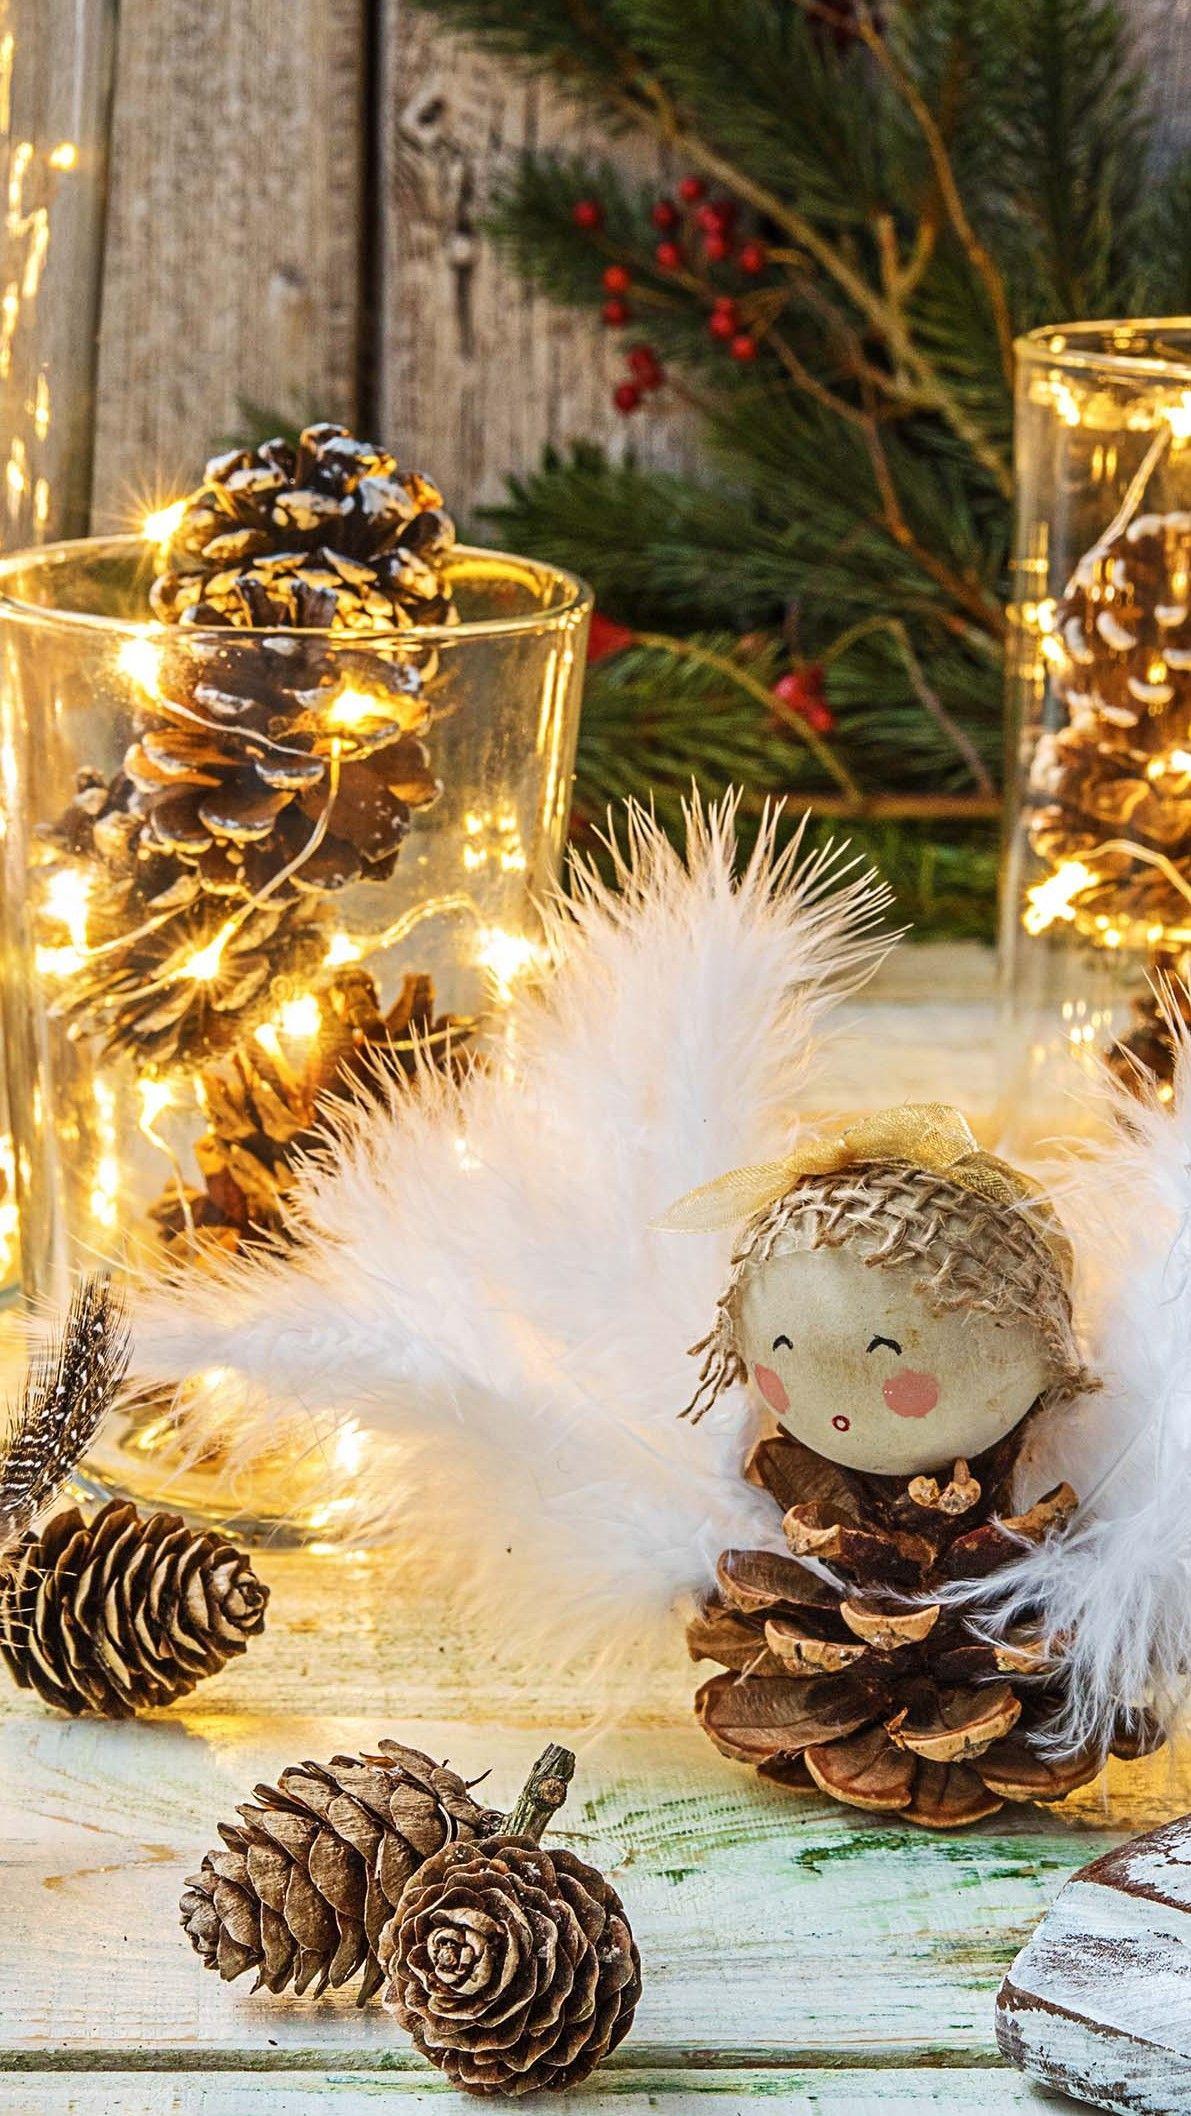 Weihnachtsdeko Zum Essen.3 Dinge Die Du Aus Tannenzapfen Basteln Kannst Einfach Selber